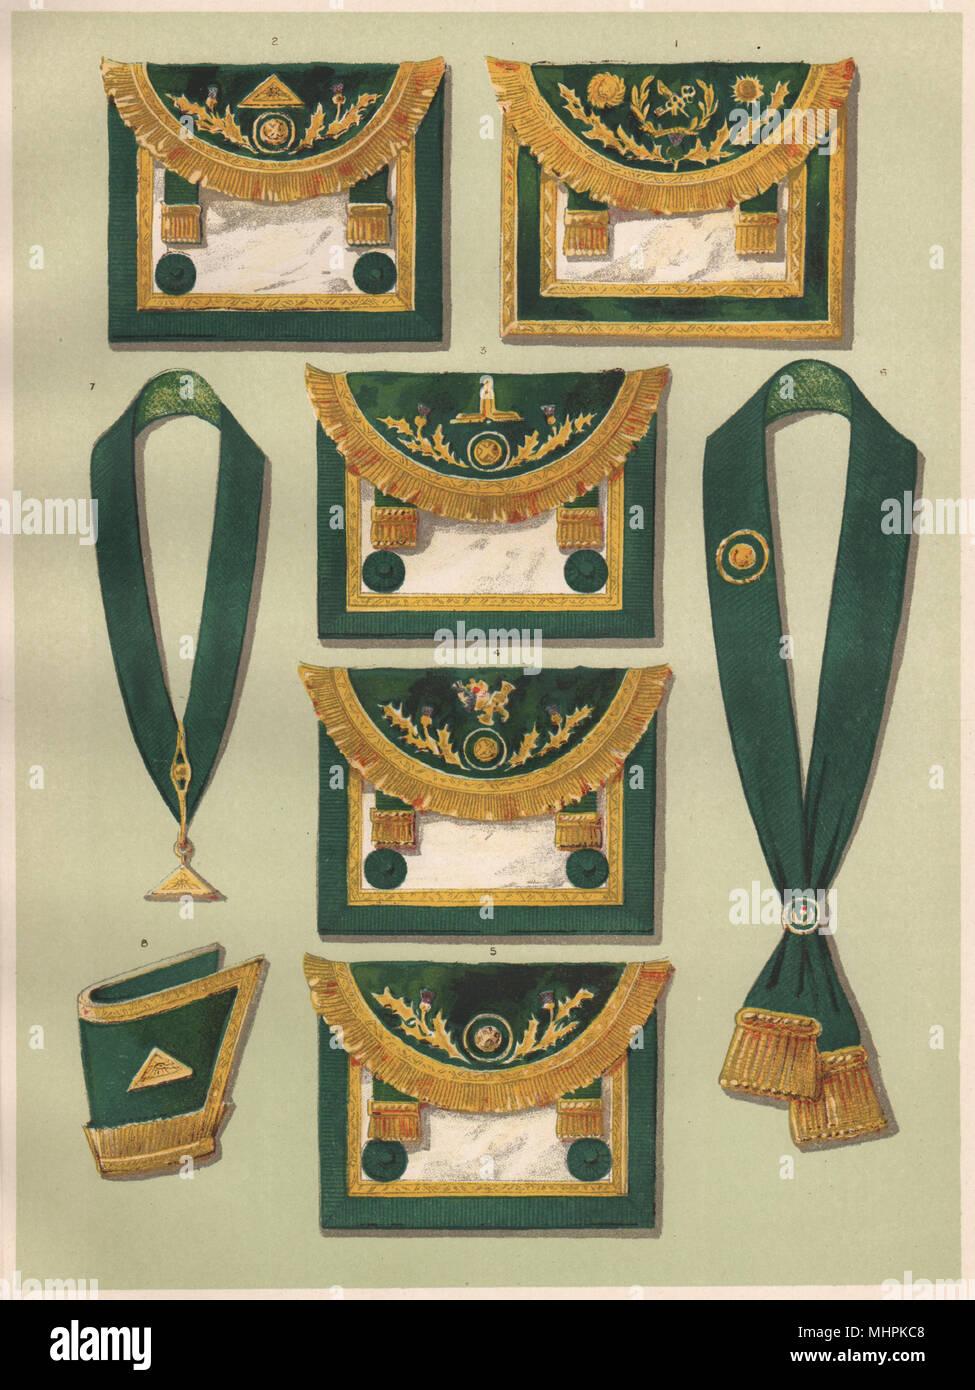 Freemasonry Stock Photos & Freemasonry Stock Images - Page 3